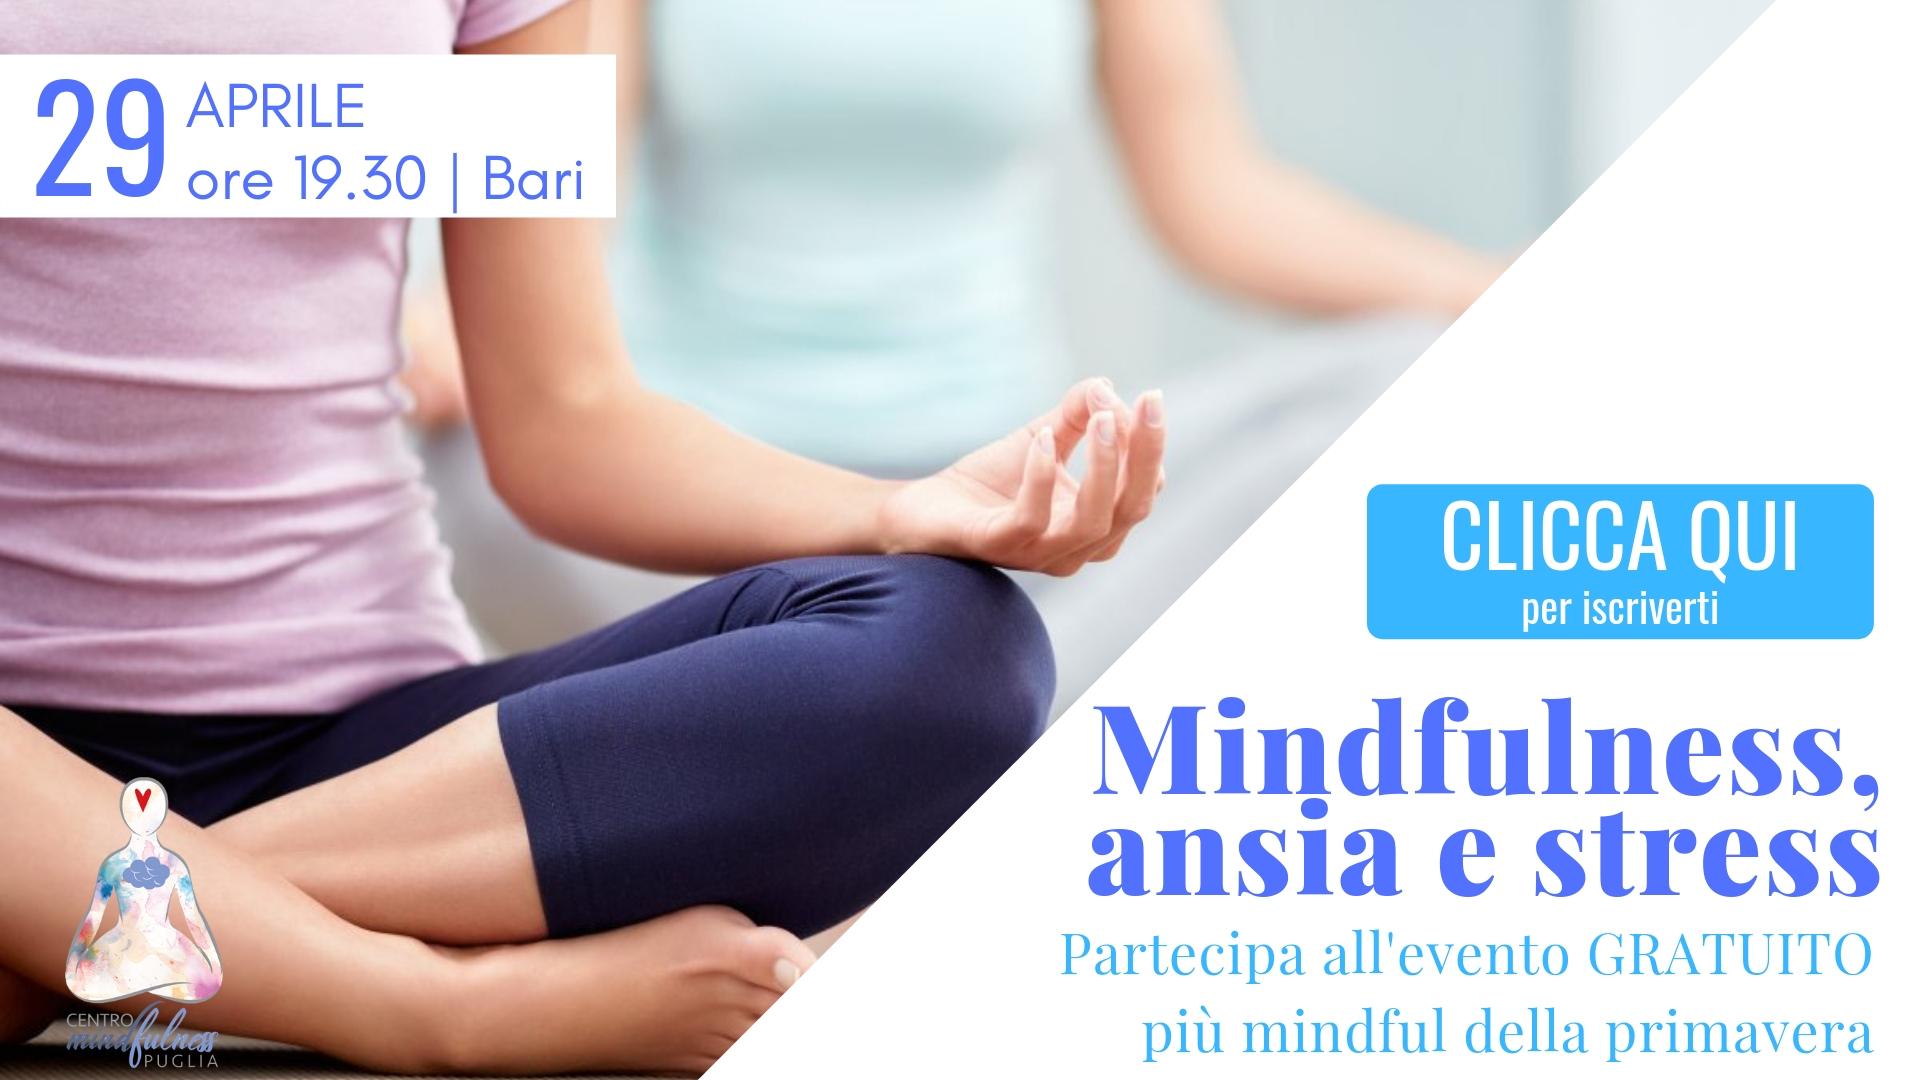 mindfulness ansia e stress